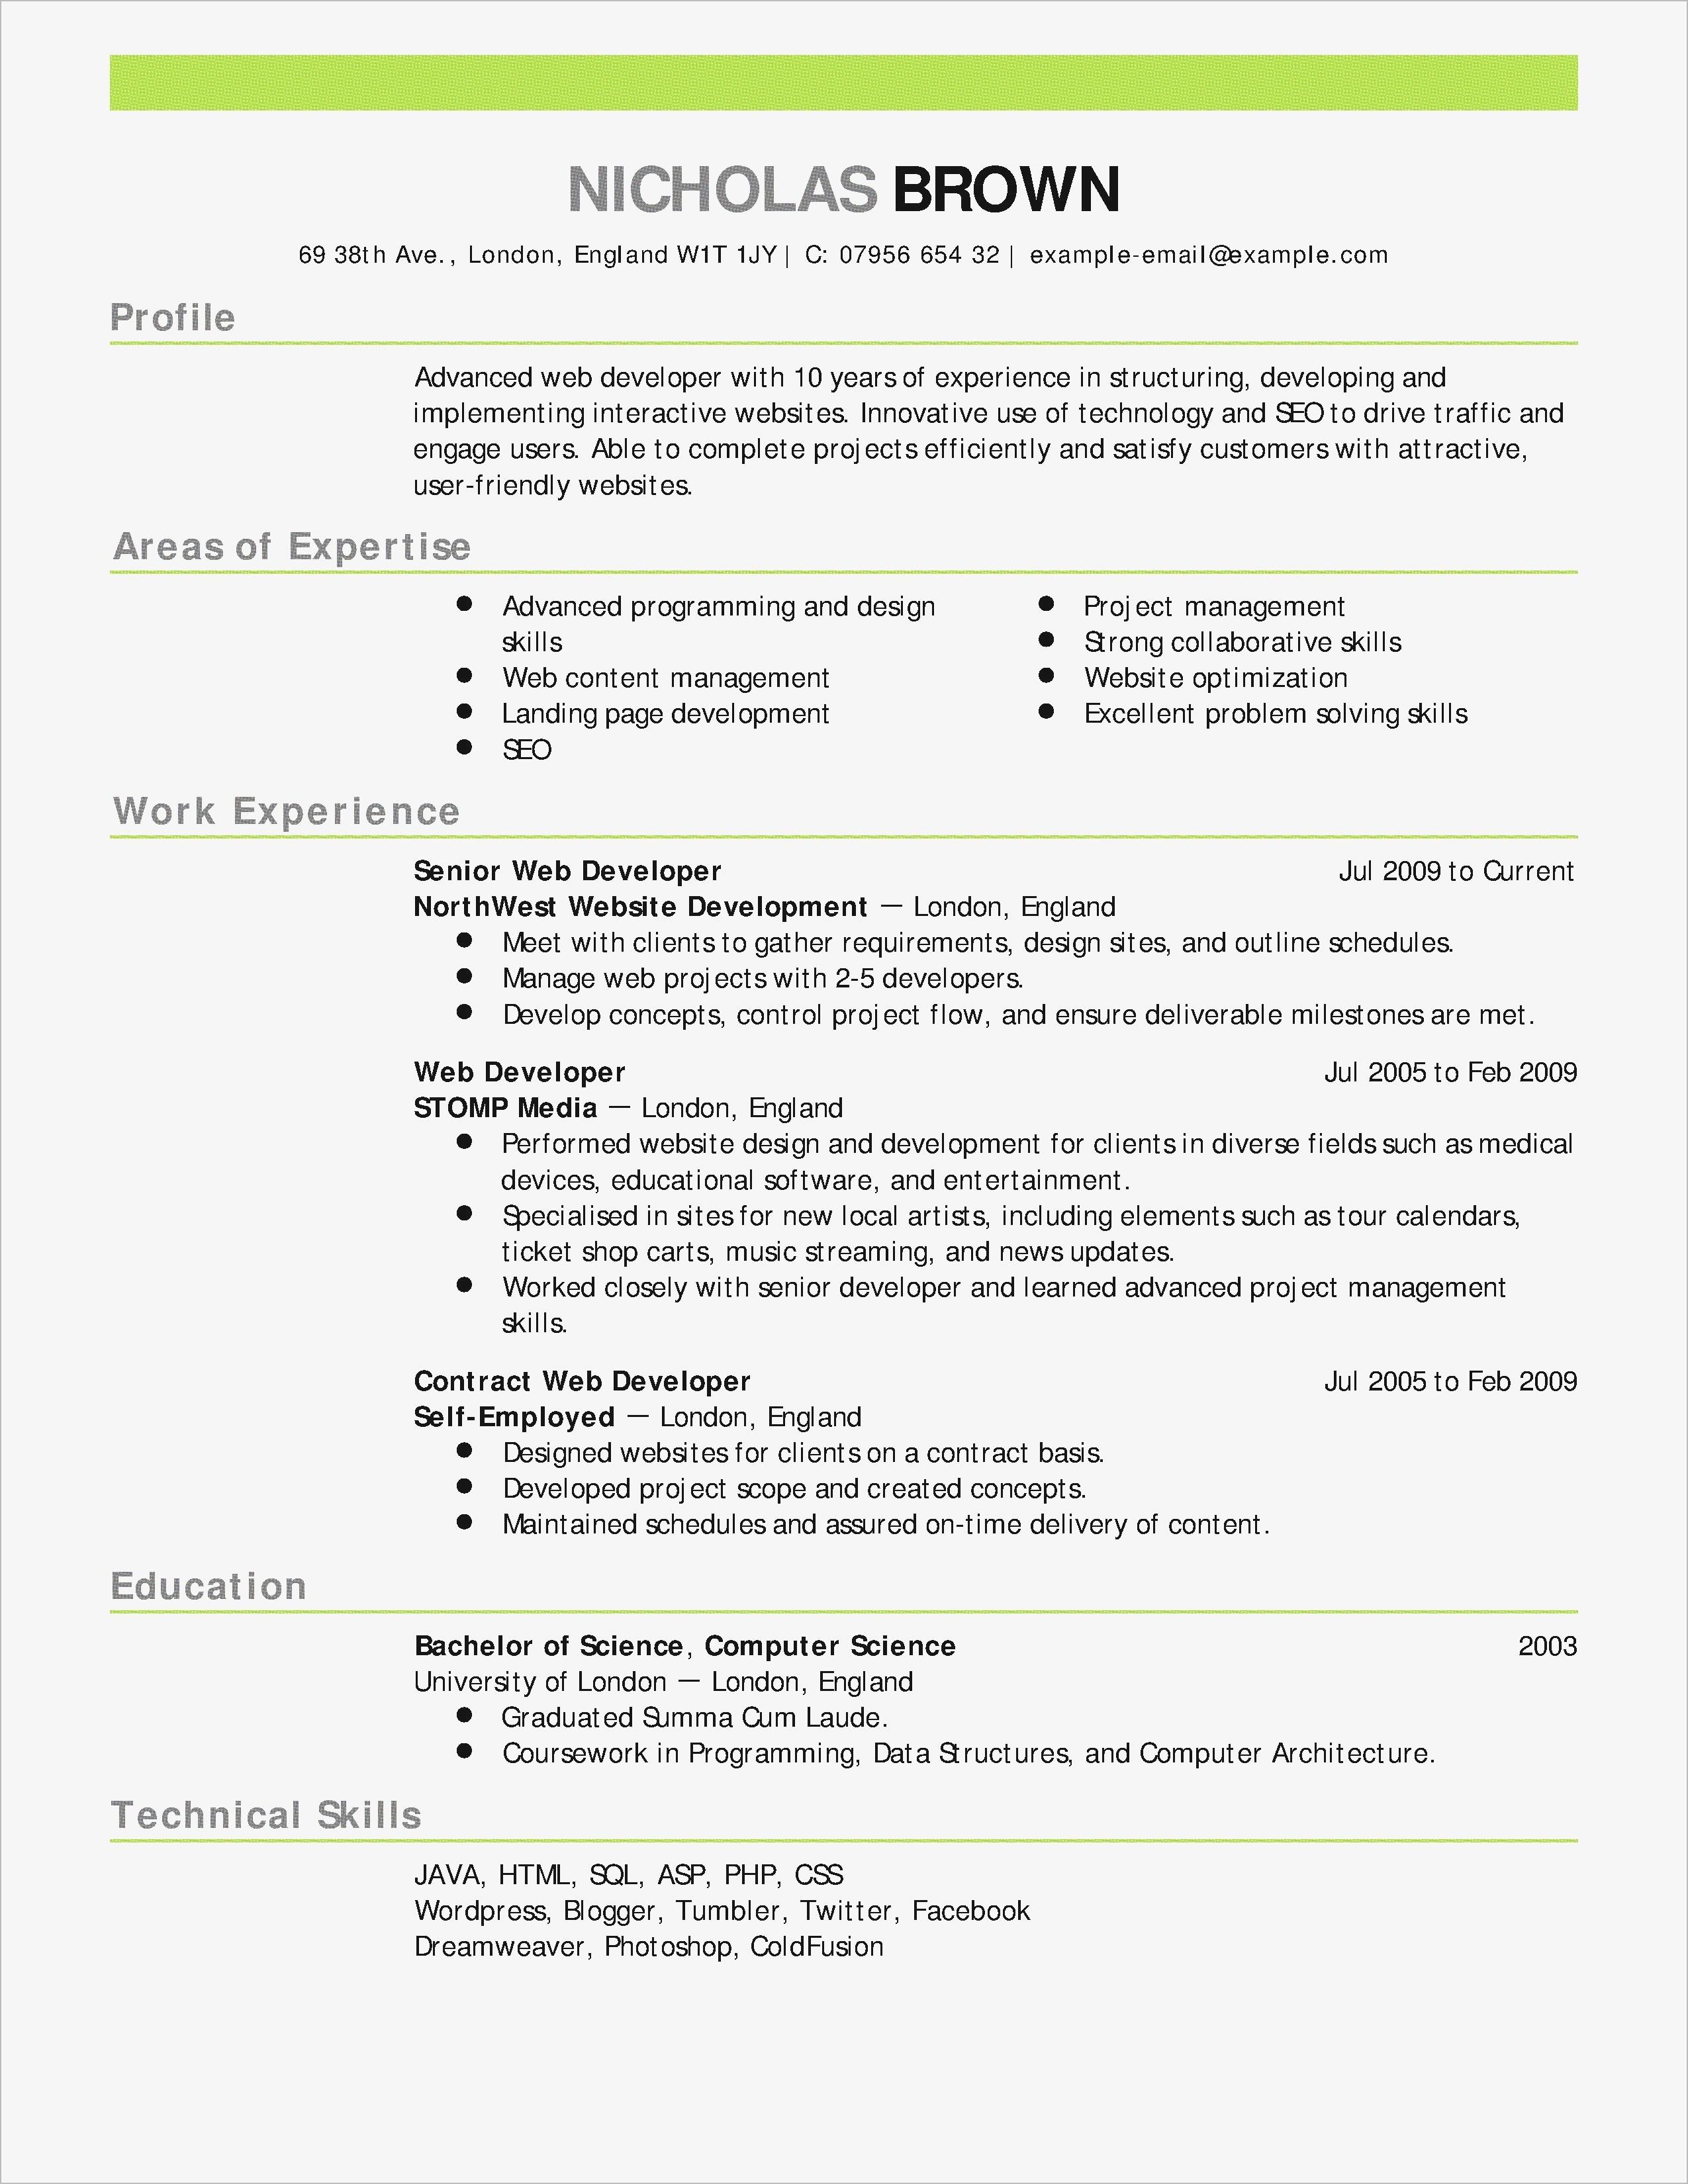 Resume Writing Service Bangalore